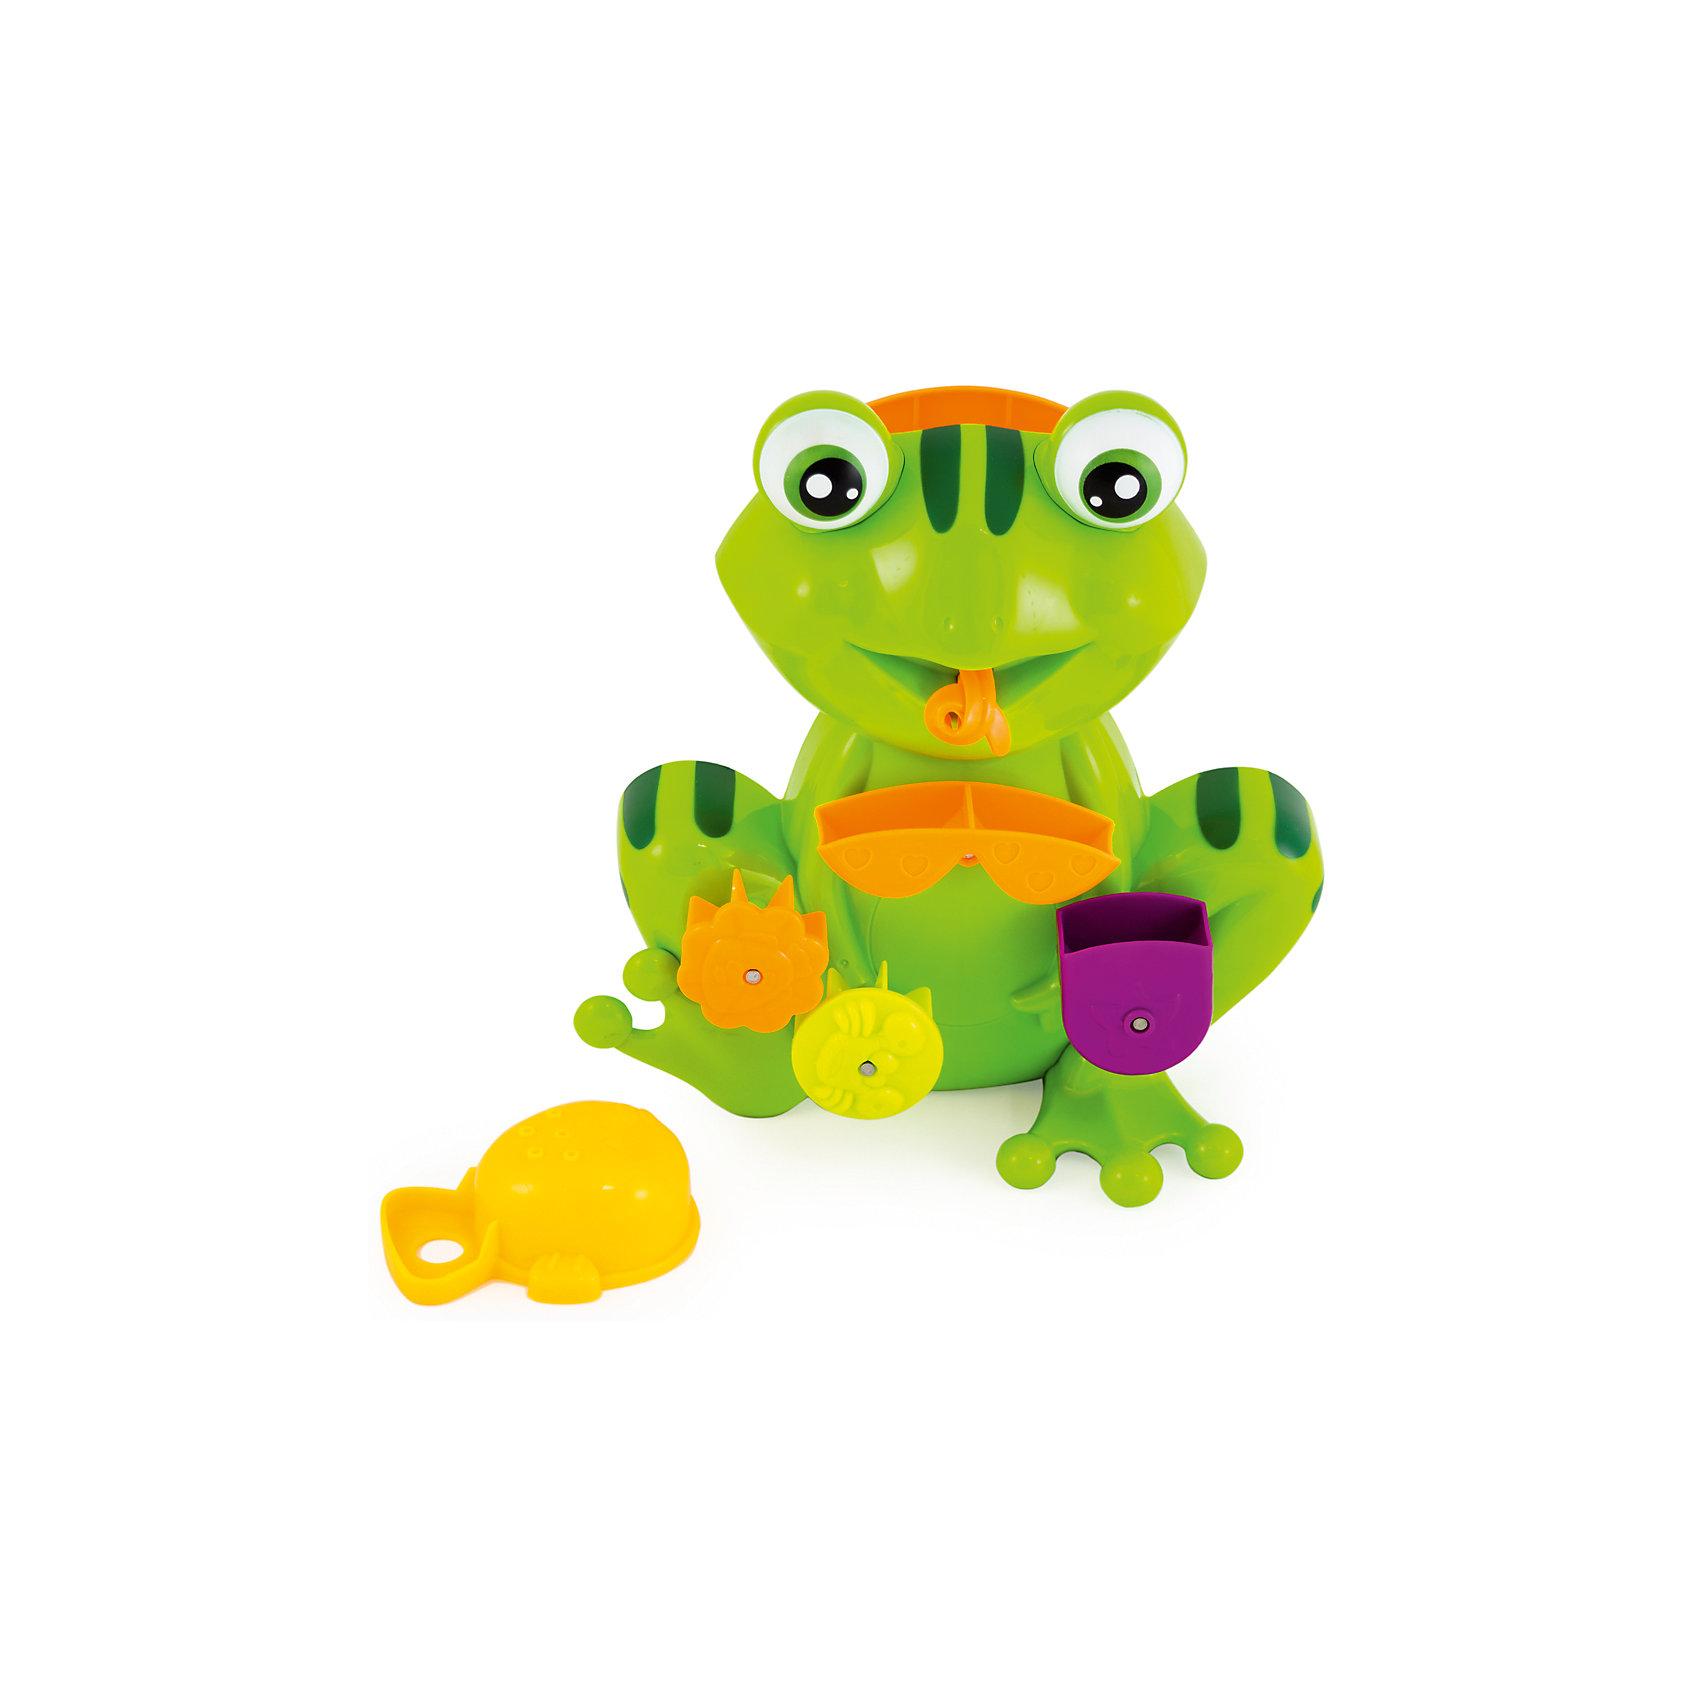 Pic'nMix Игрушка для ванны Лягушка, Pic'nMix